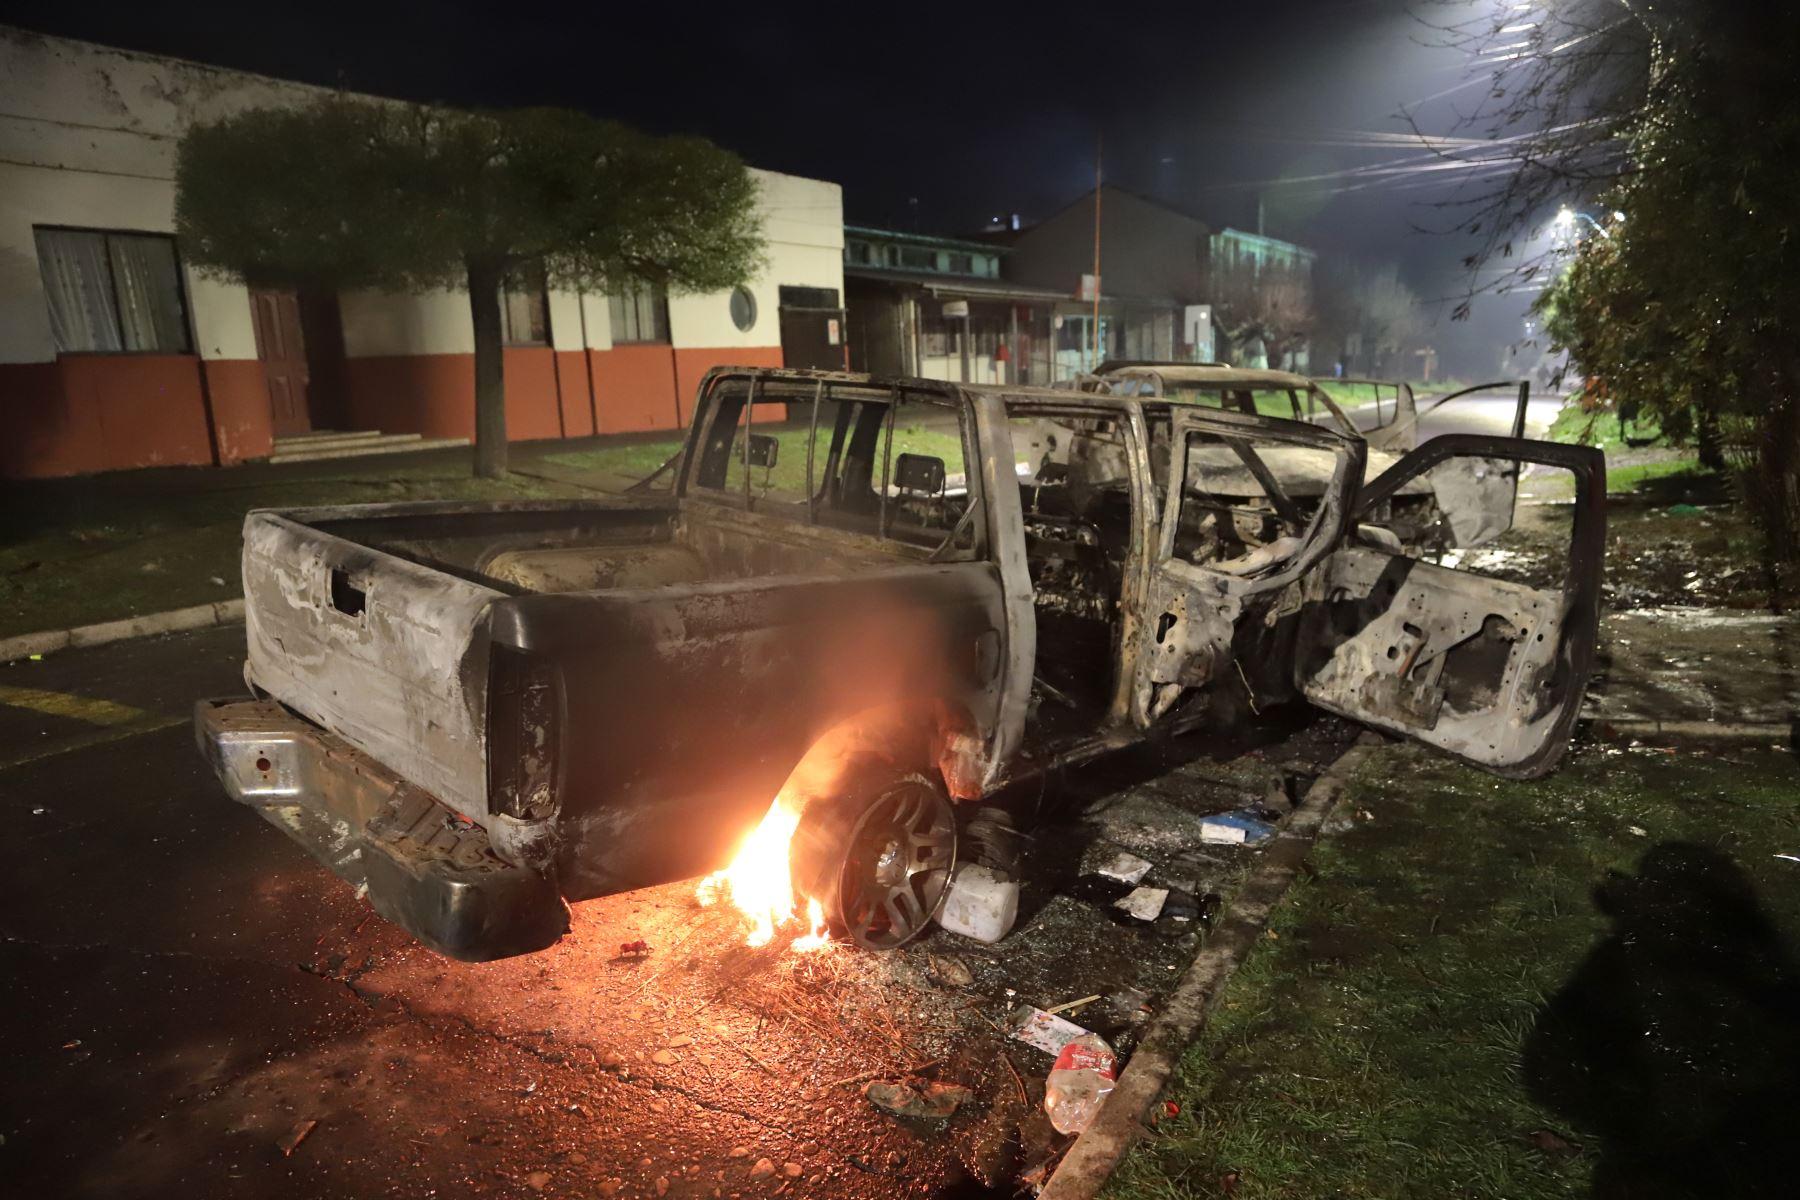 Vehículos quemados fuera del municipio de Curacautín después durante las protestas en la región de la Araucanía, sur de Chile. Foto: AFP